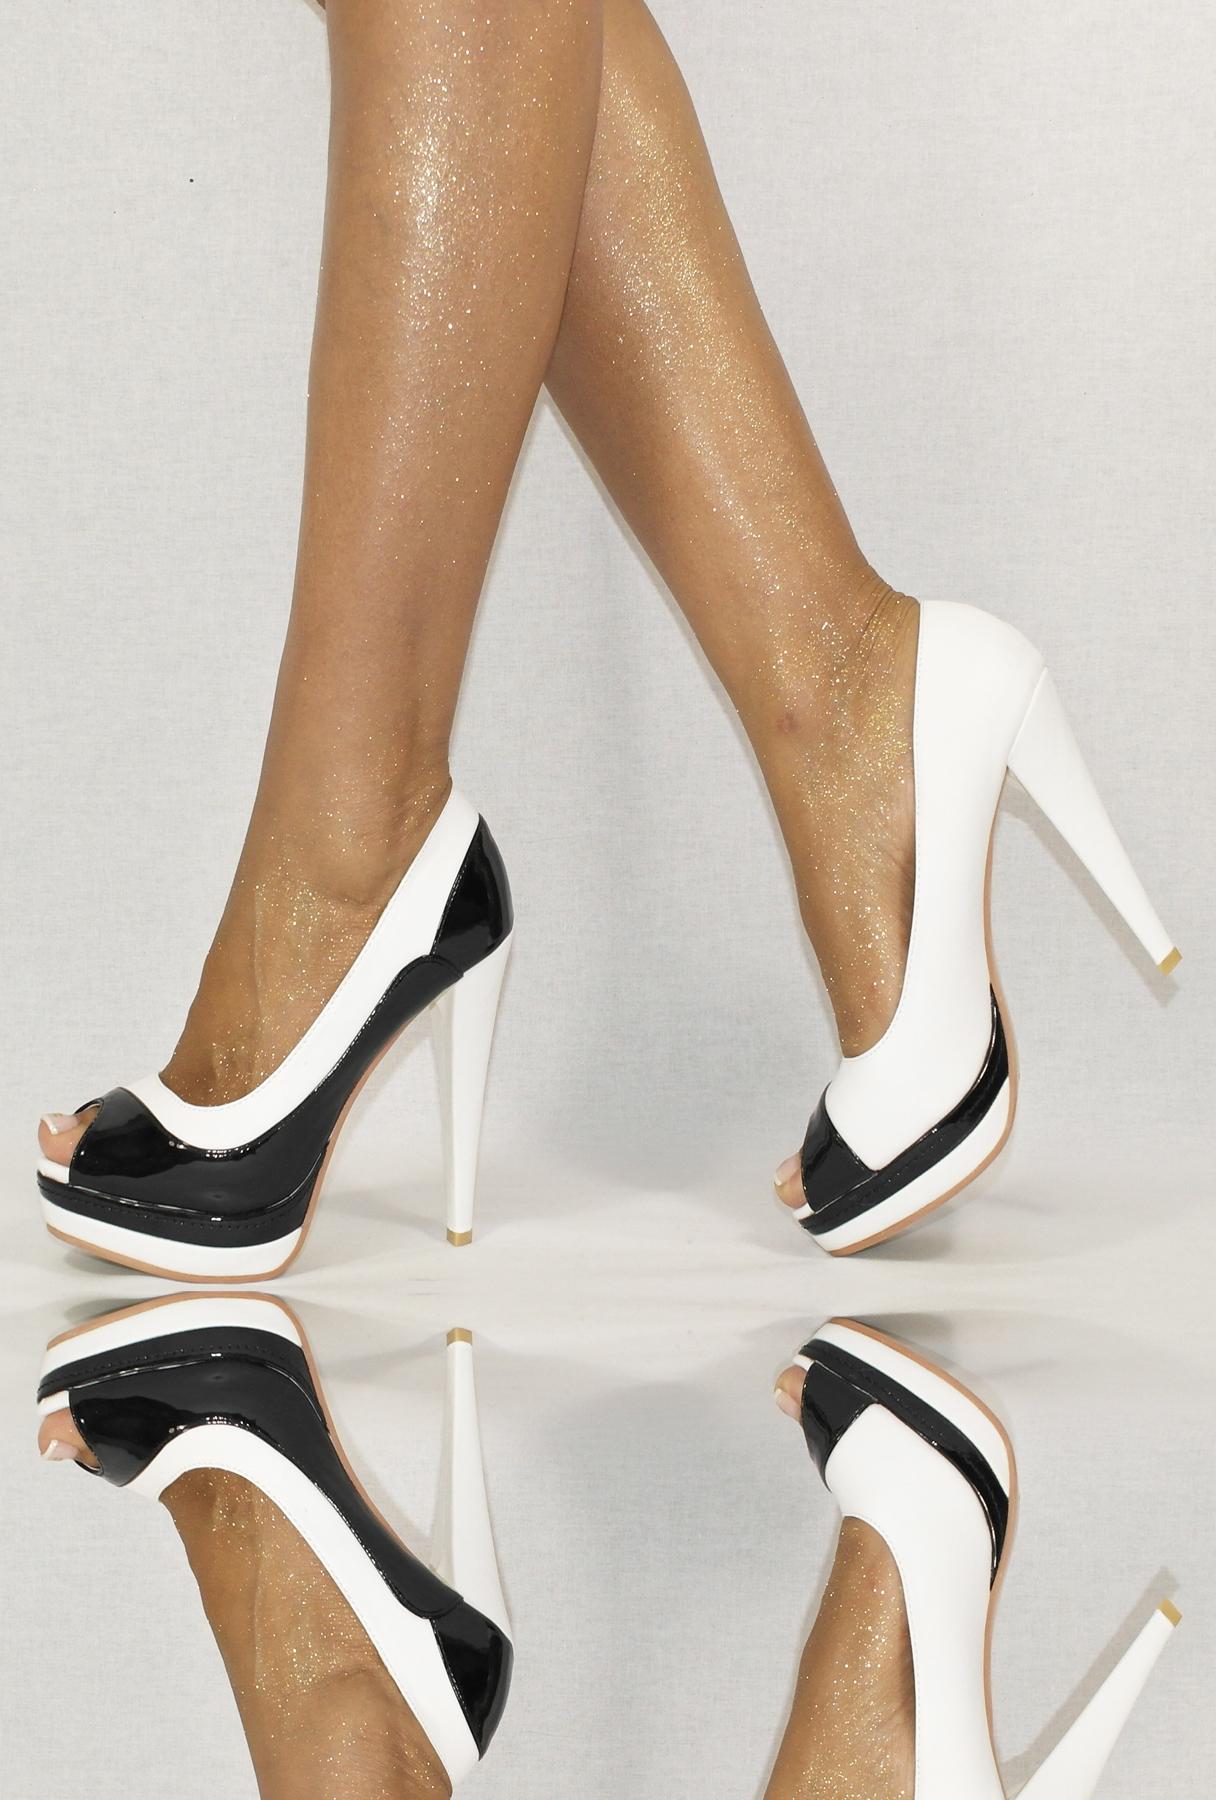 womens shoes pumps black red brown white 36 41 platform high heels shoes evening ebay. Black Bedroom Furniture Sets. Home Design Ideas